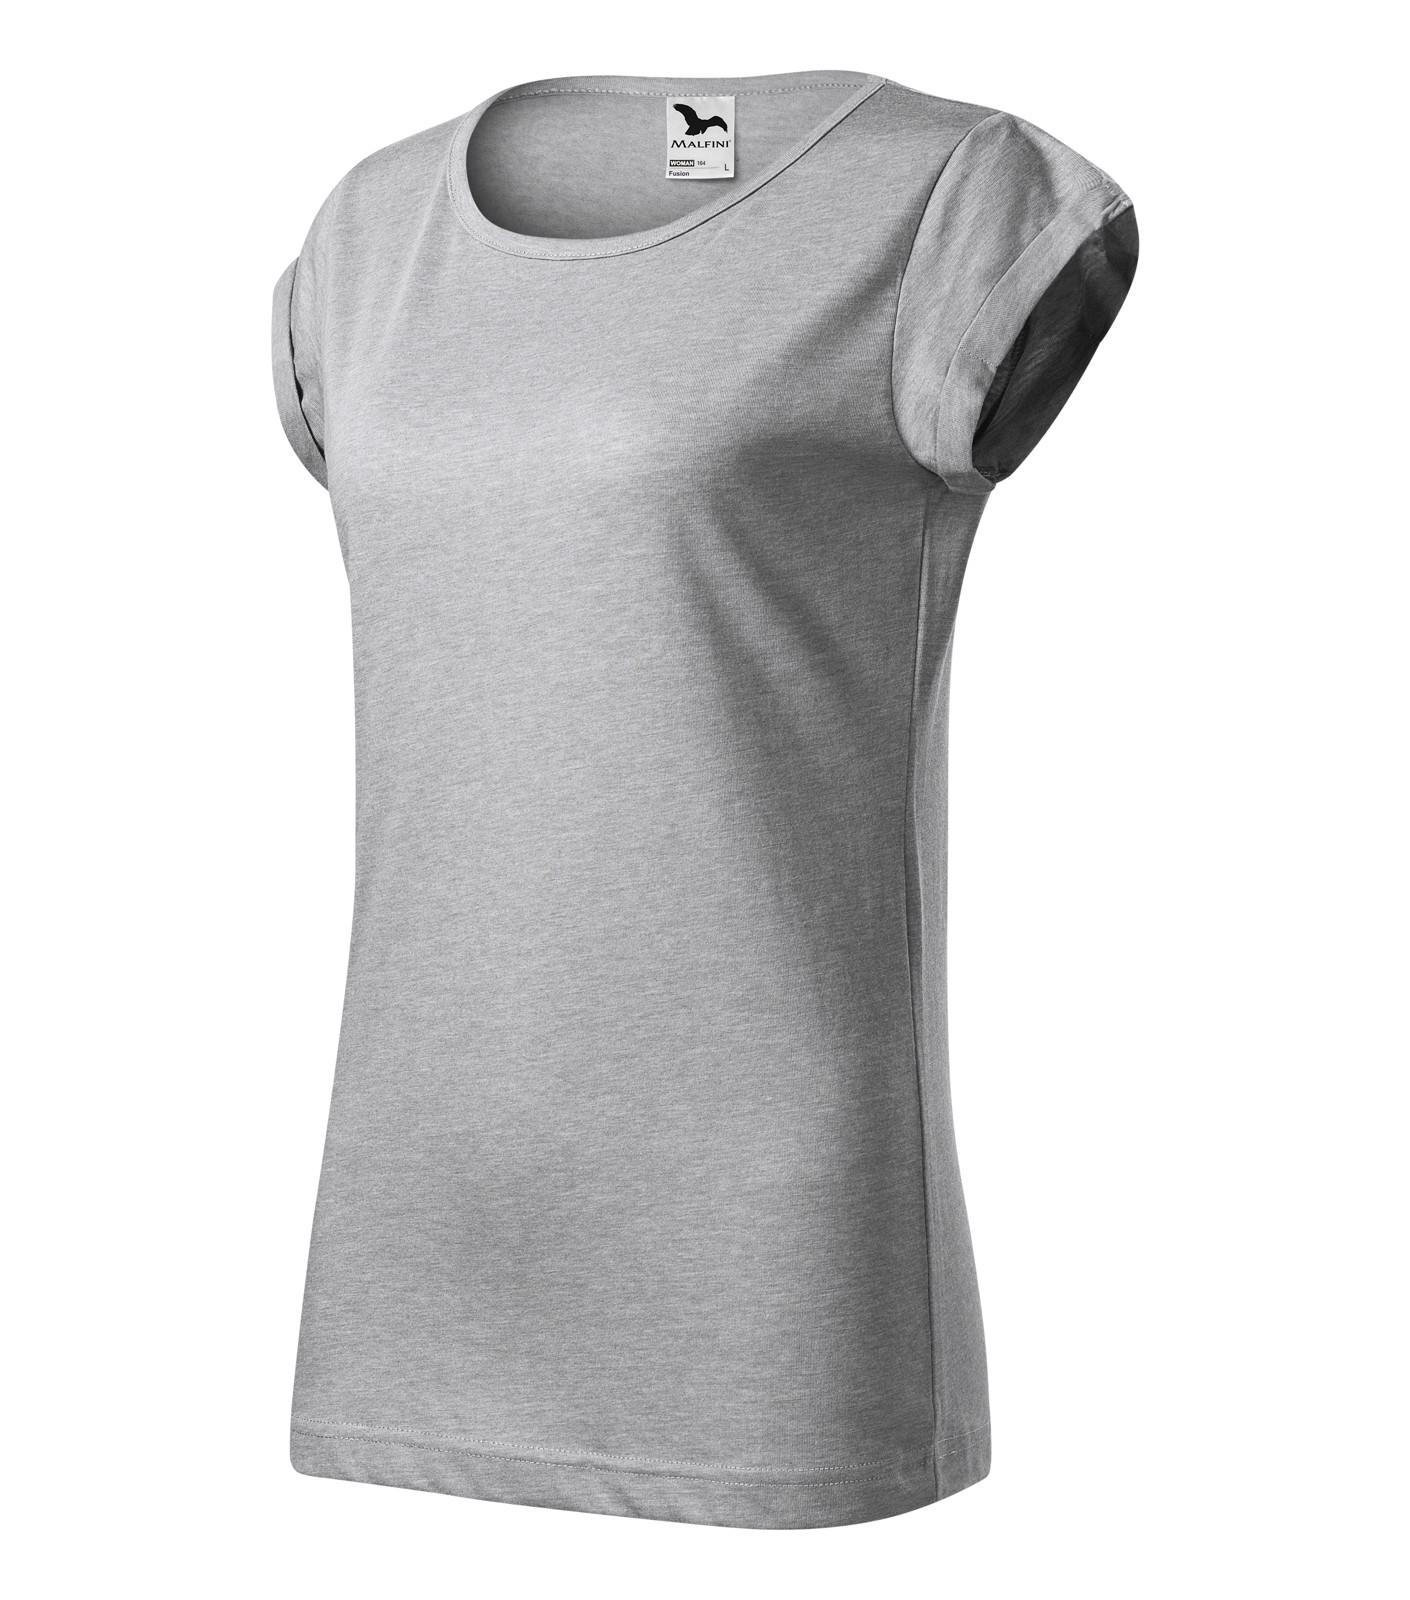 T-shirt Ladies Malfini Fusion - Silver Melange / L